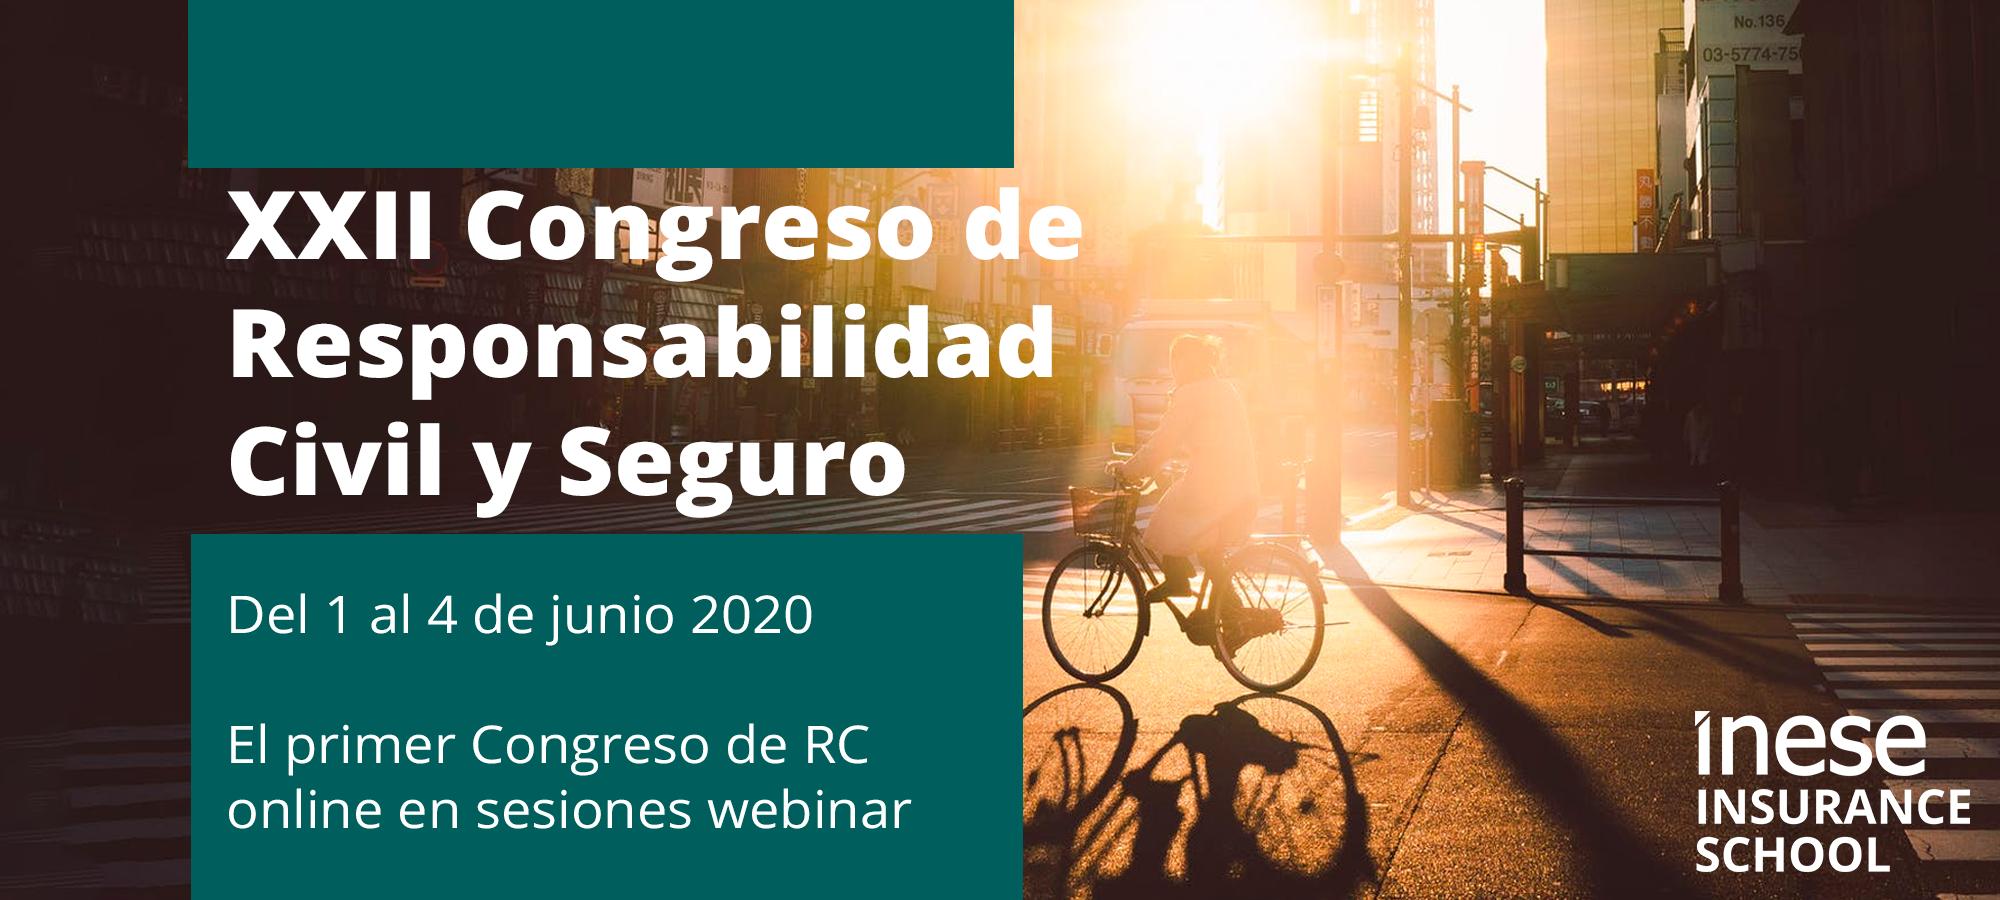 XXII Congreso de Responsabilidad Civil y Seguro